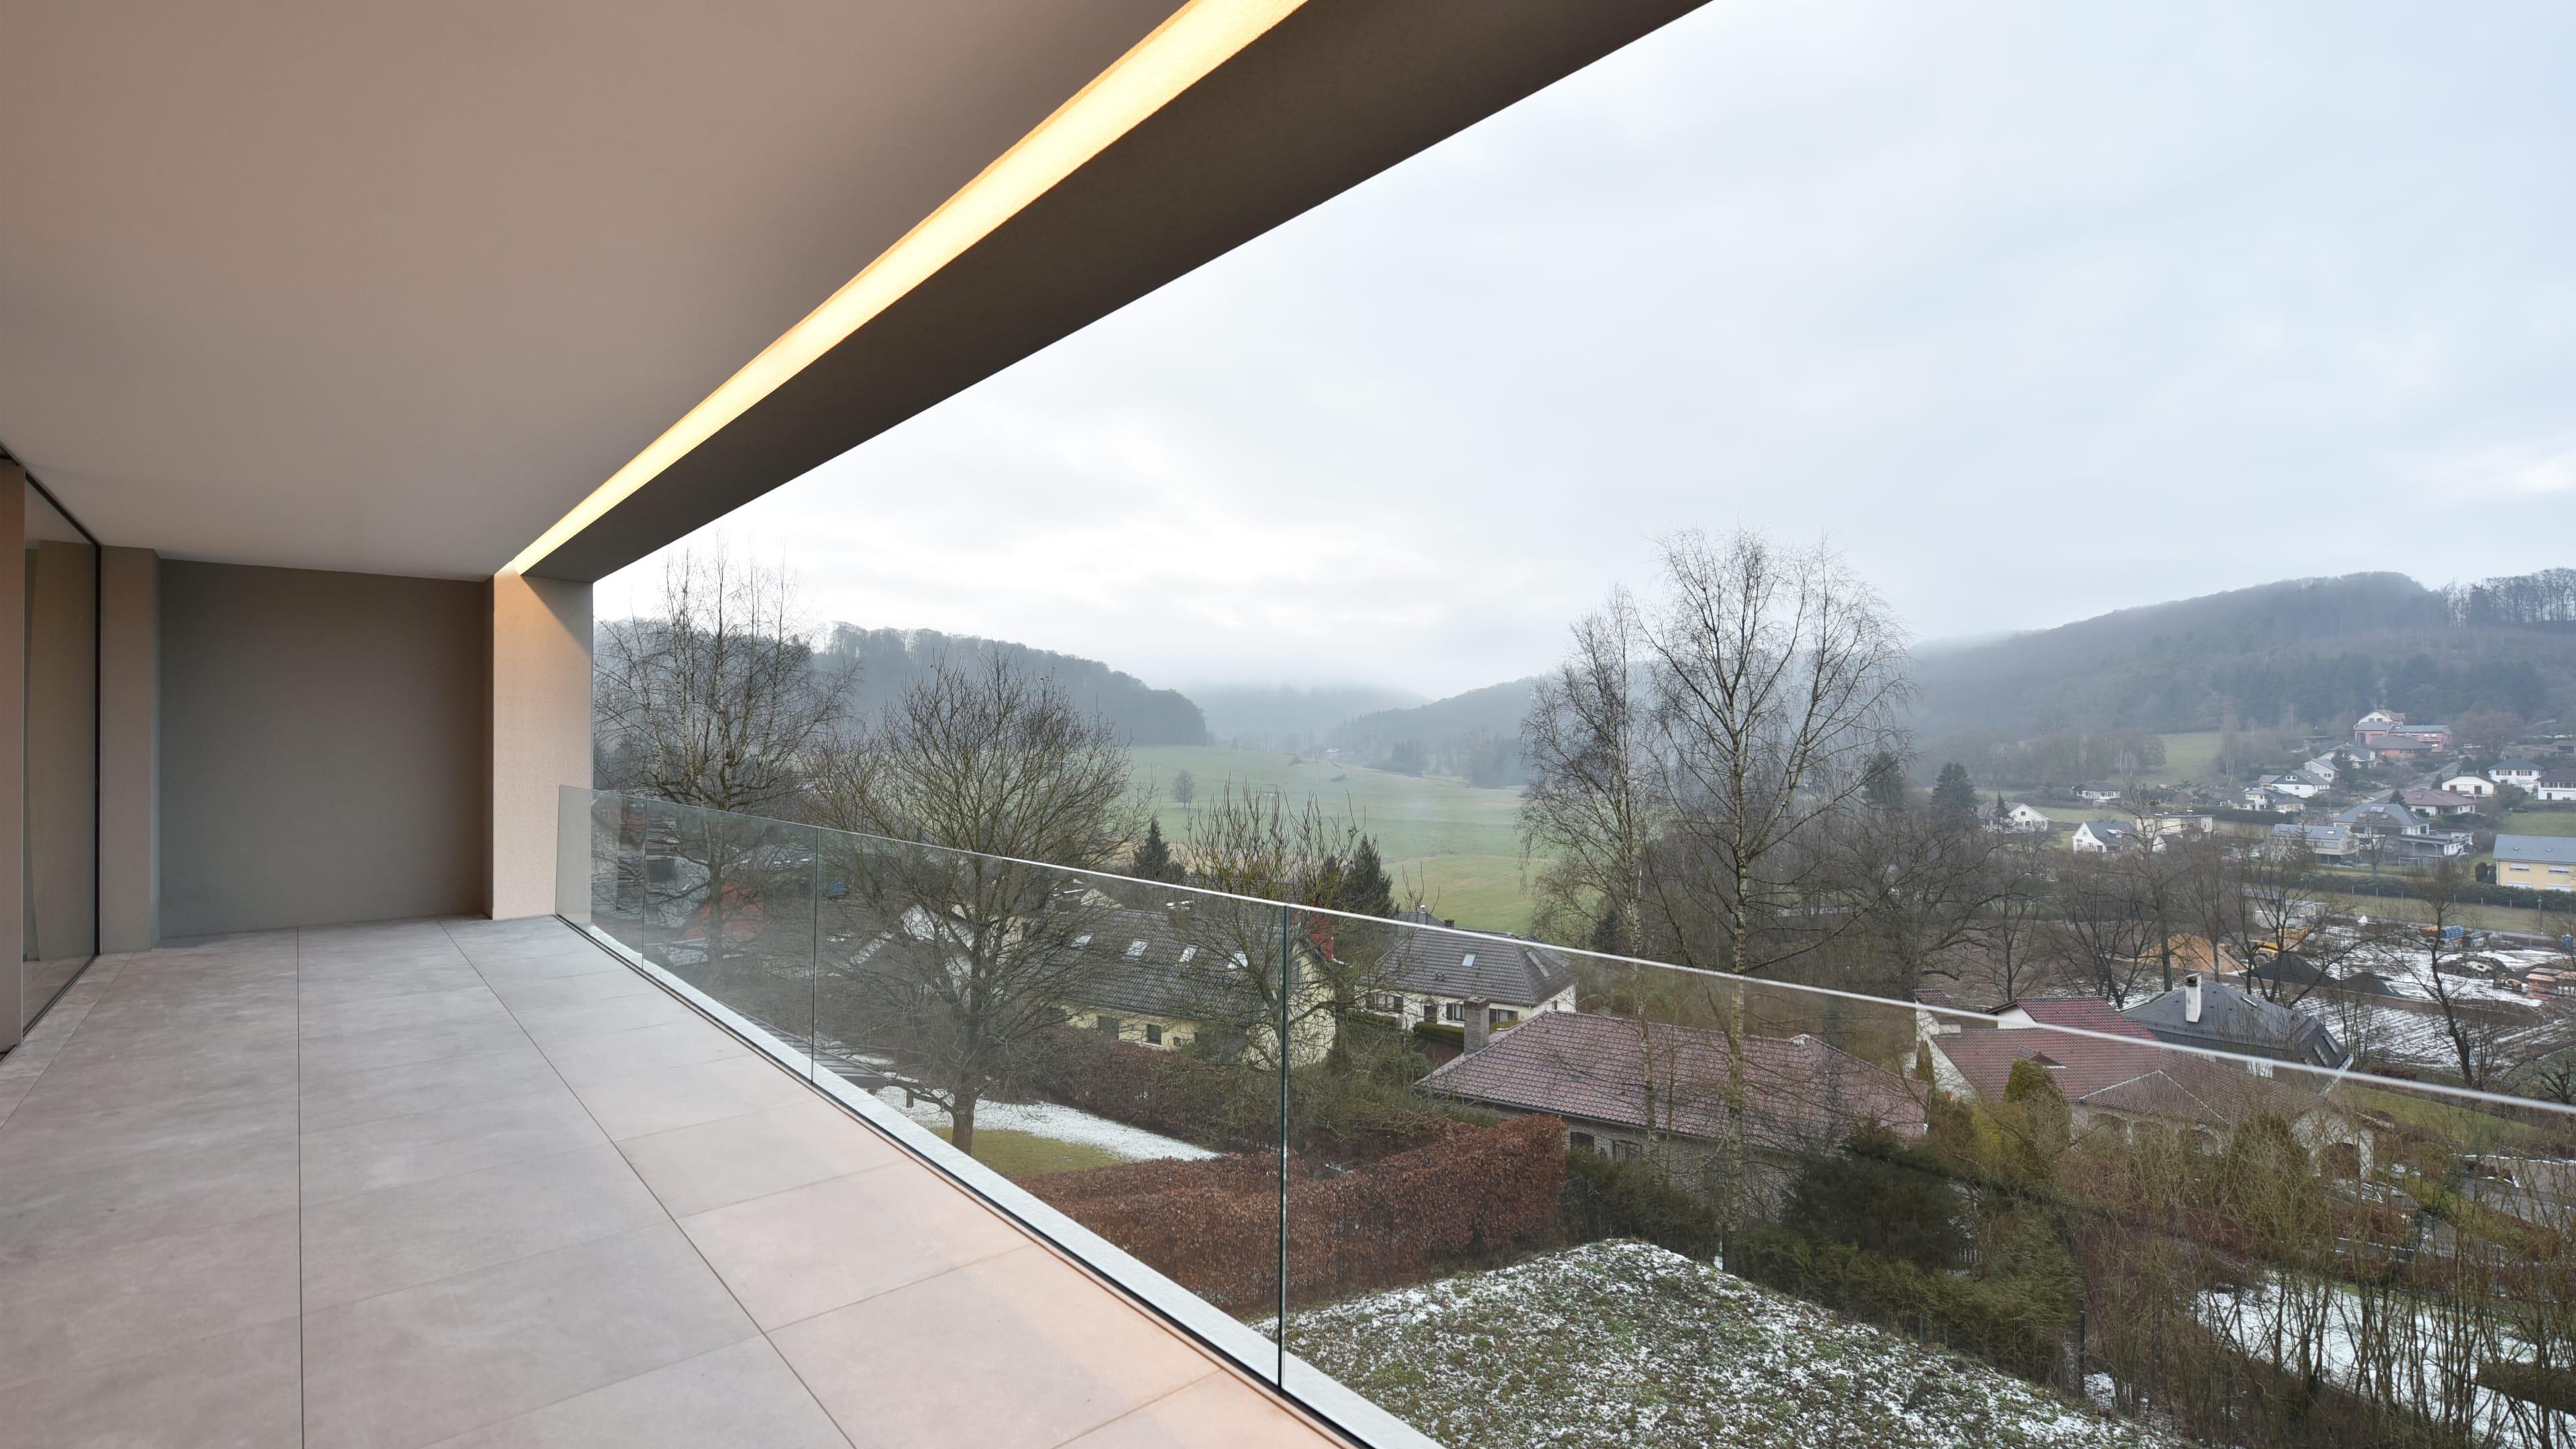 036 roodt villa luxe haut standing cfarchitectes luxembourg architecte terrasse paysage d. Black Bedroom Furniture Sets. Home Design Ideas